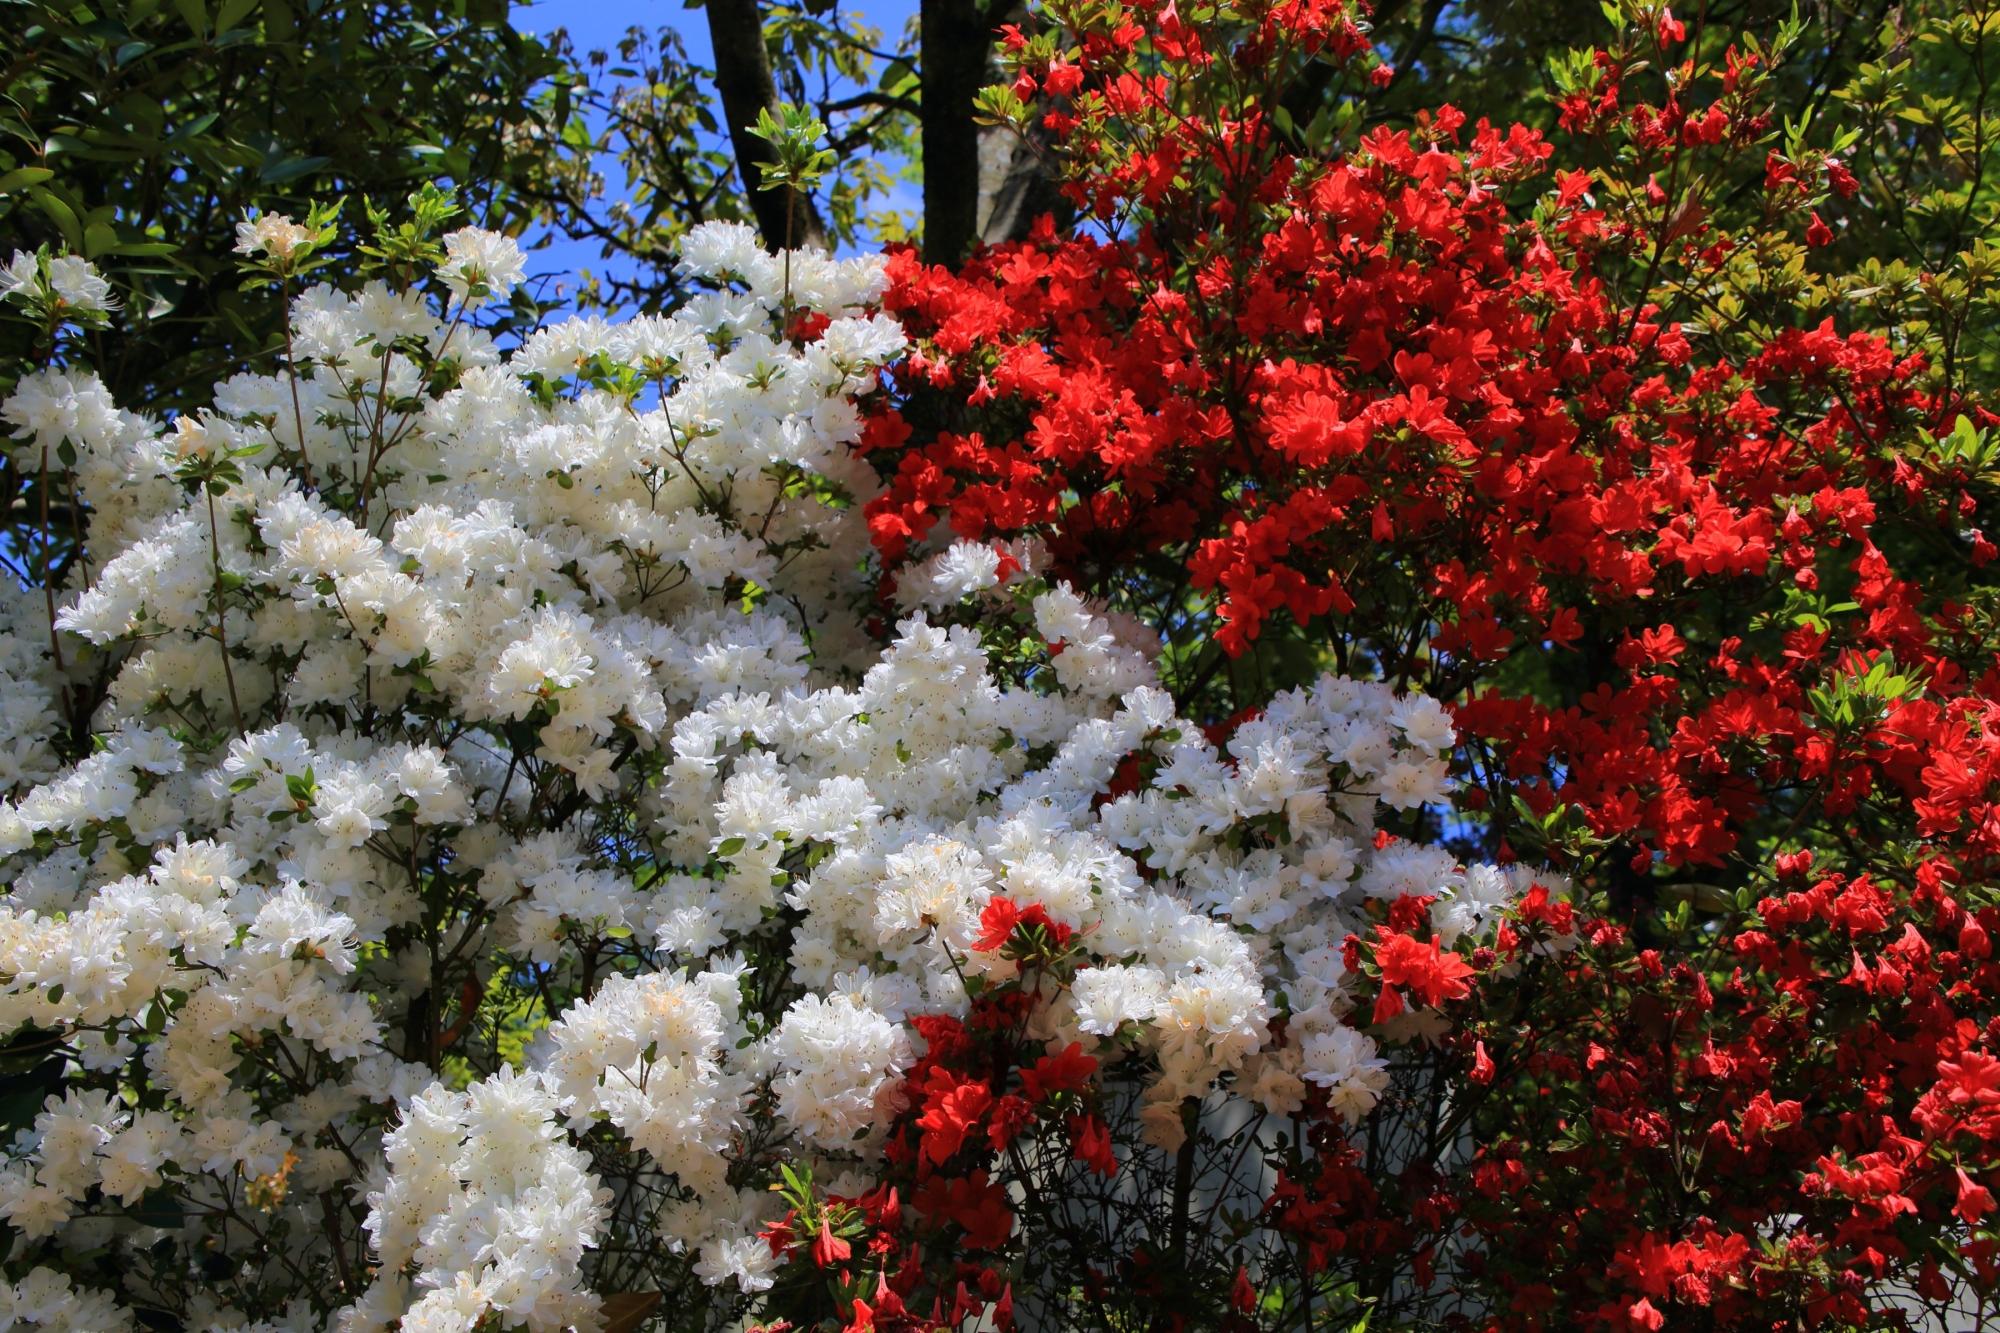 三室戸寺のおめでたい色合いの紅白のツツジ